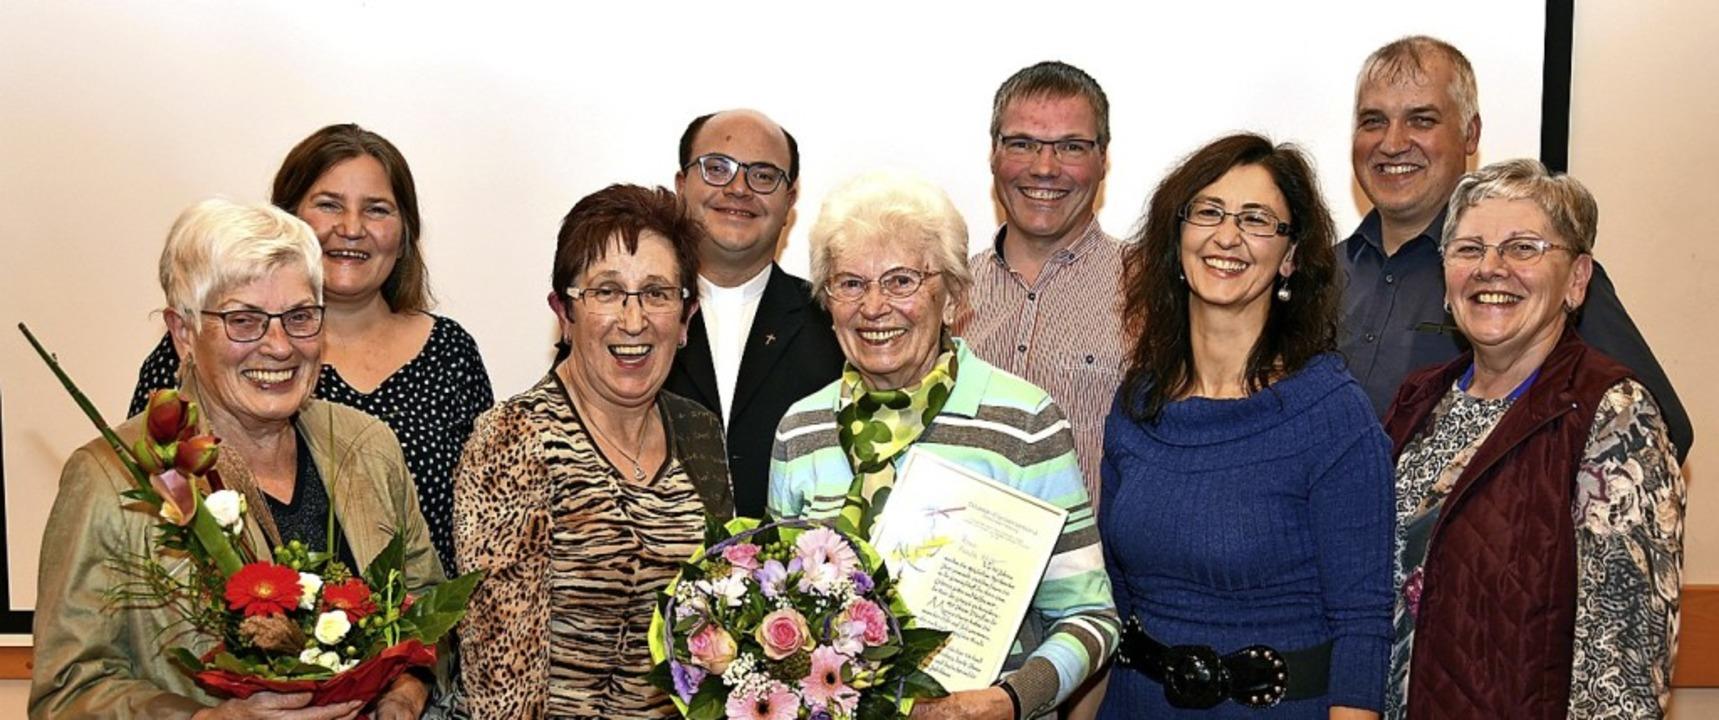 Vorstand des Kirchenchors St. Sebastia... 40-jährigen Chorgesang geehrt wurde.     Foto: Horst Dauenhauer